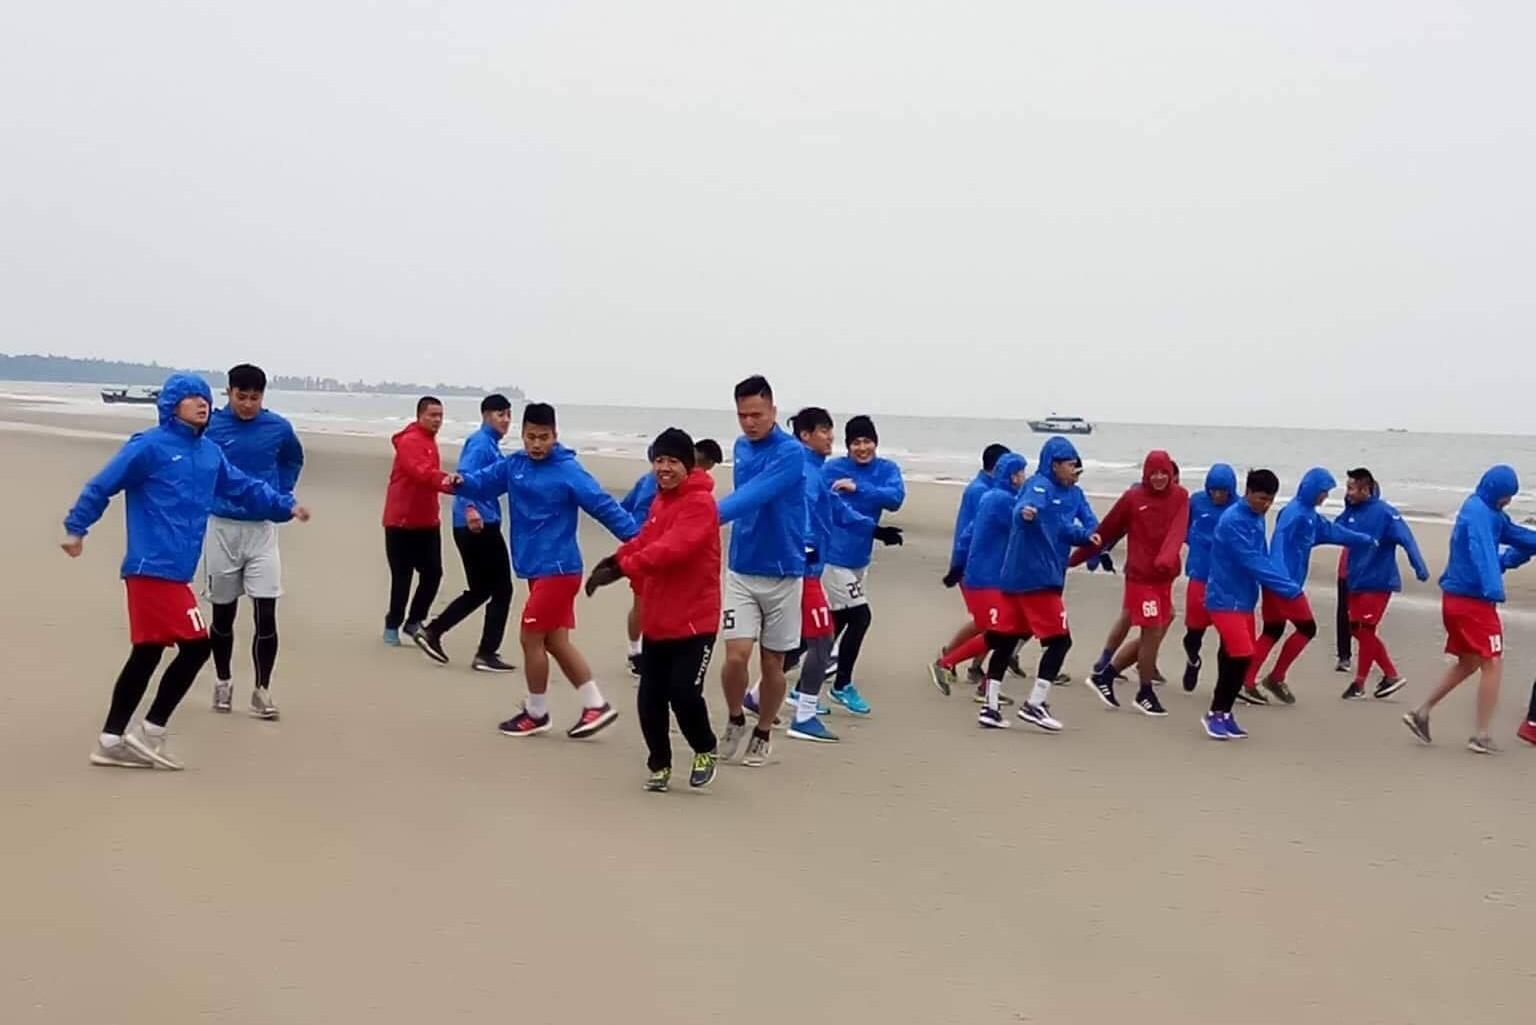 Cầu thủ Than Quảng Ninh kéo nhau ra biển tập luyện bất chấp cái lạnh dưới 10 độ ở miền Bắc. Ảnh: Webthethao